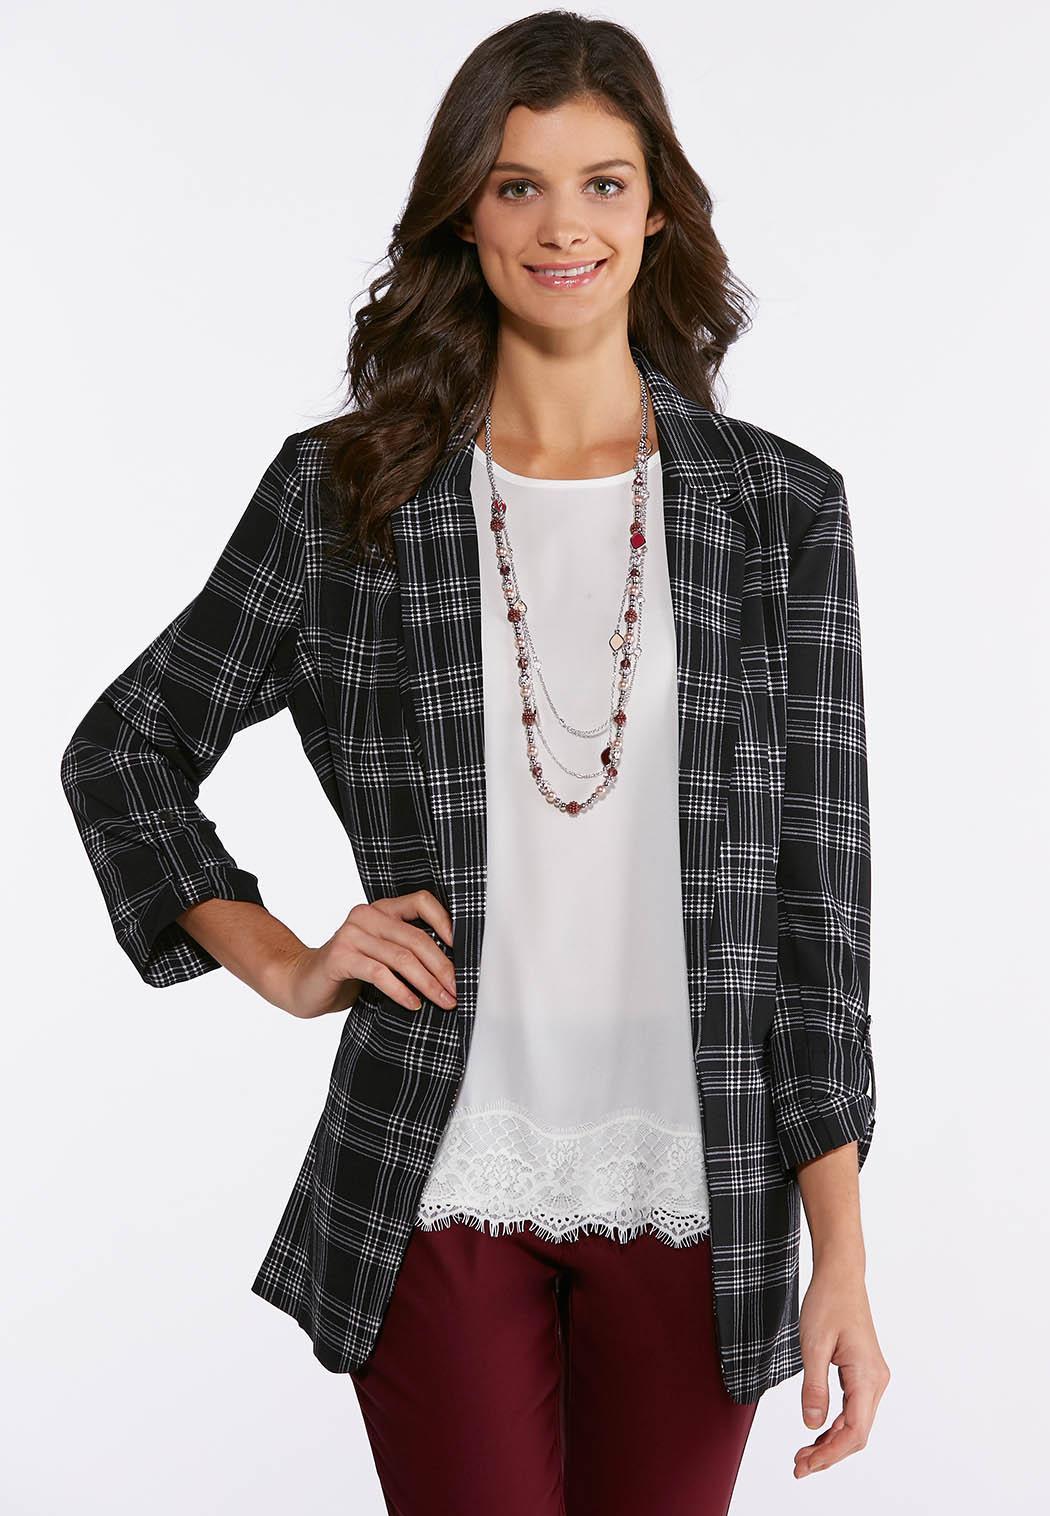 8b5c422fd47c4 Black And White Plaid Blazer Fashion Jackets Cato Fashions